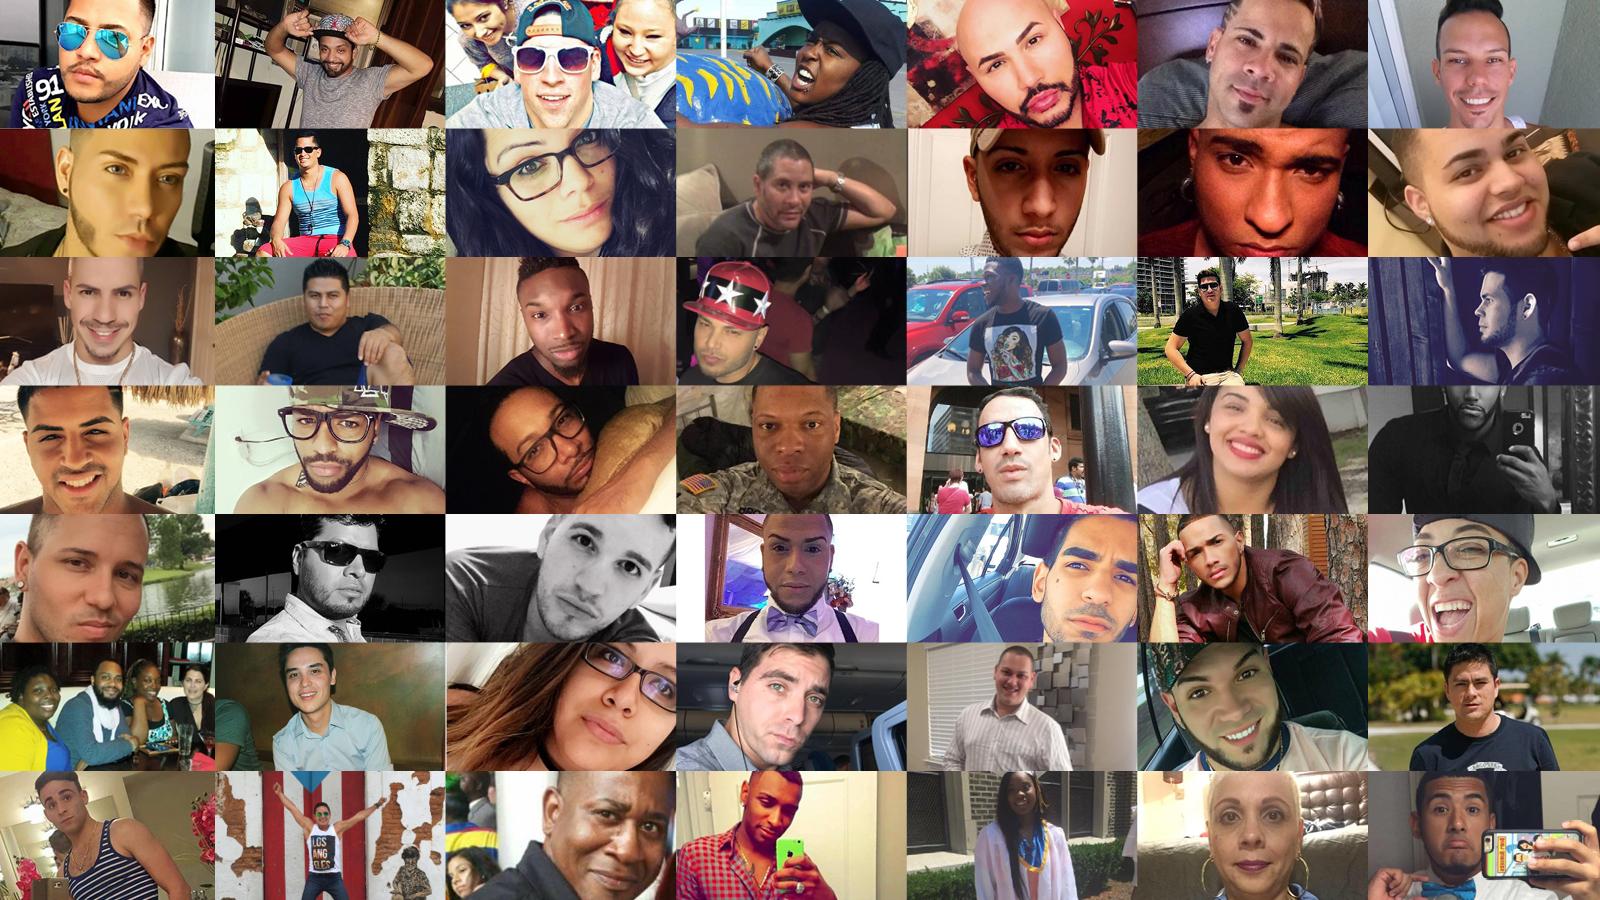 HRC conmemora el atentado de Pulse a tres años de la tragedia